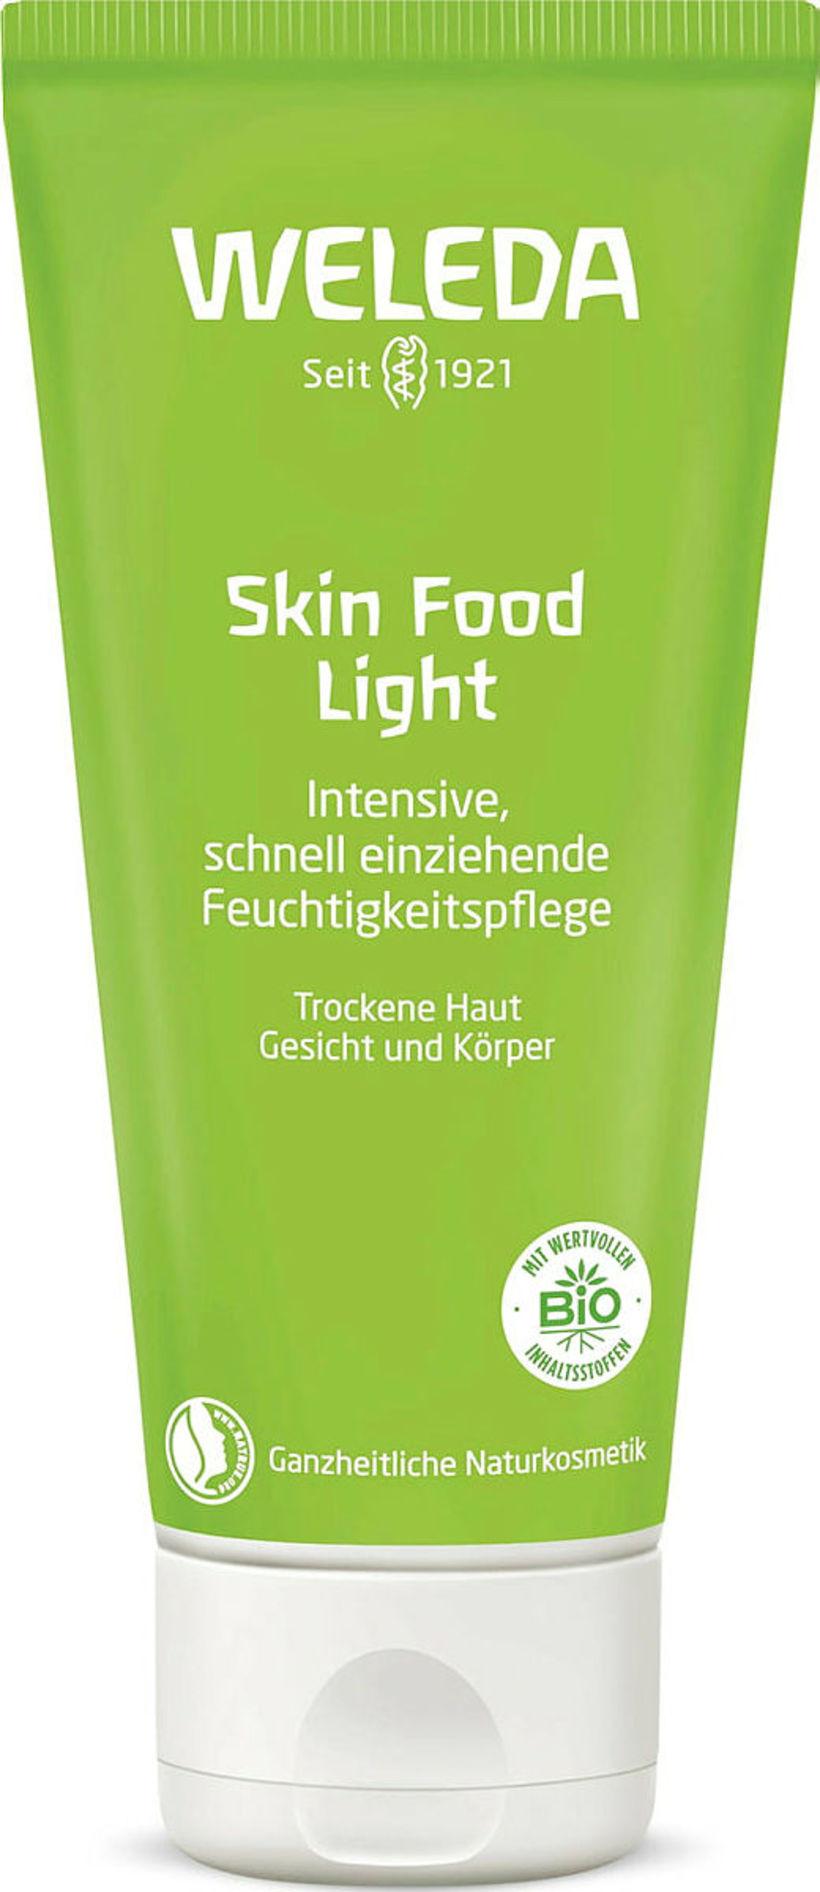 Skin Food Light passar vel fyrir fólk yfir sumartímann.